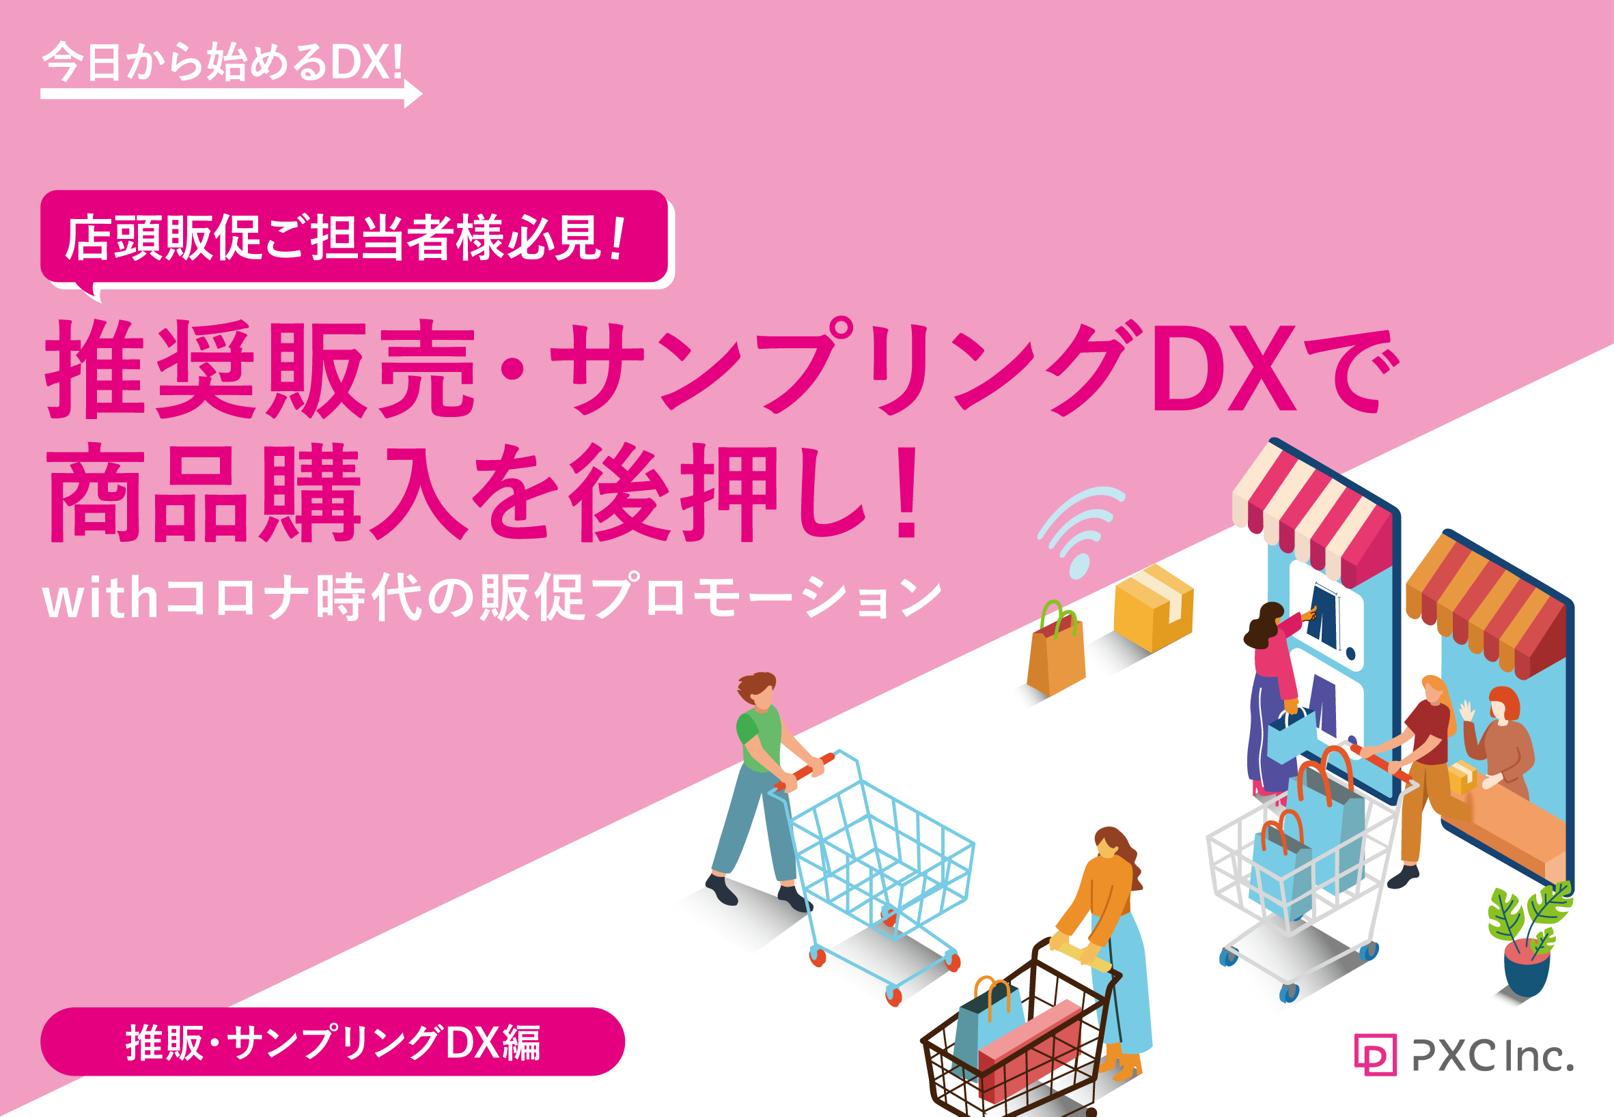 ~今日から始めるDX~推奨販売・サンプリングDXで商品購入を後押し!